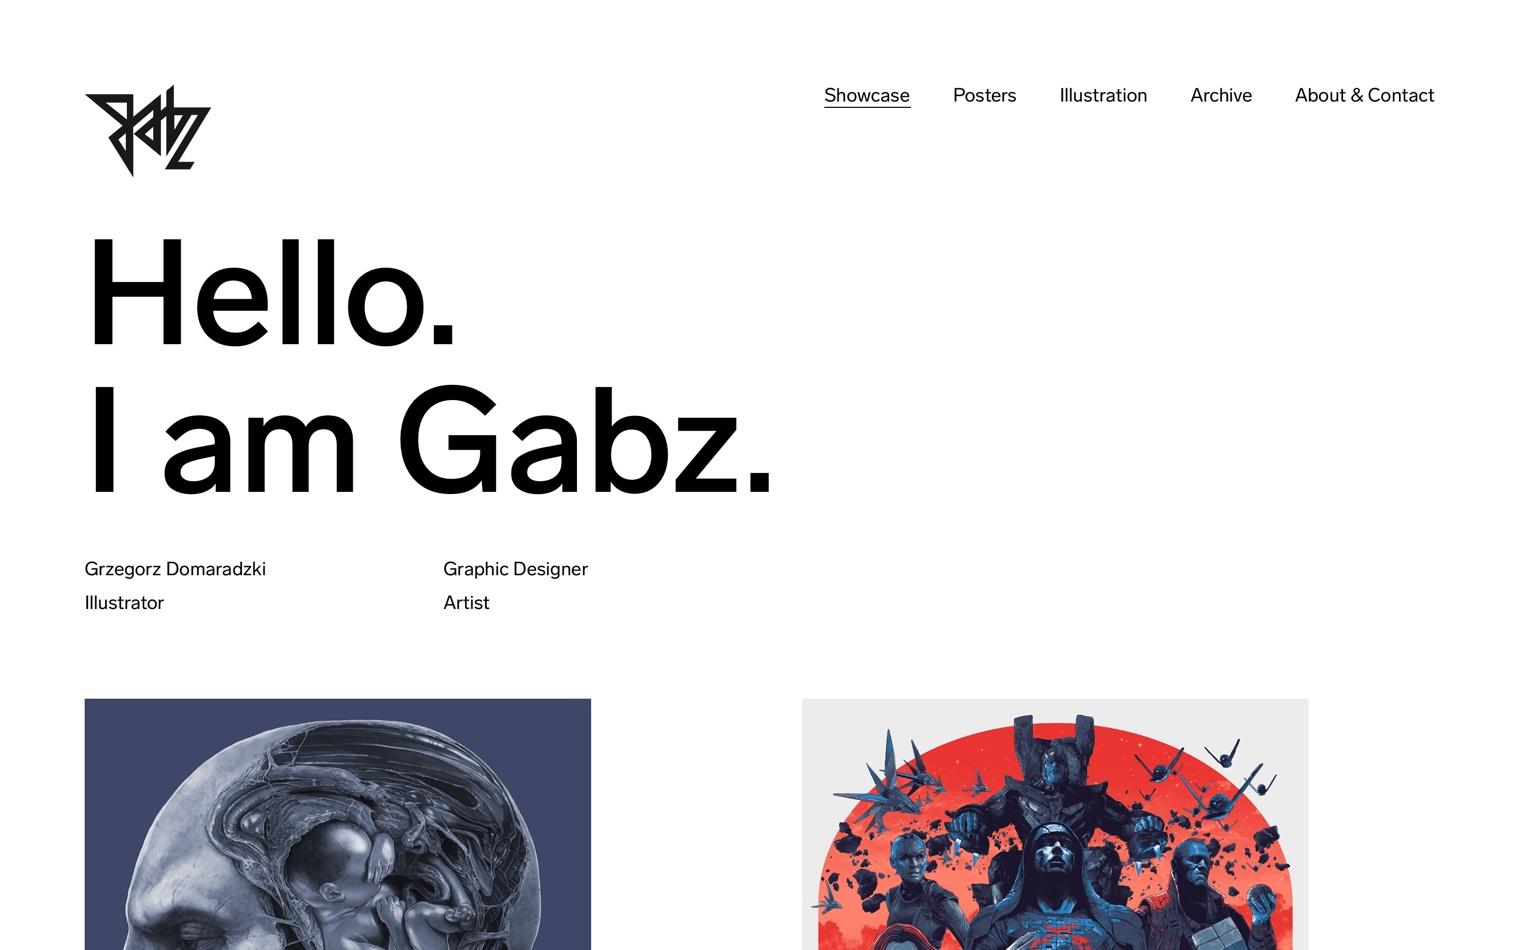 Grzegorz Domaradzki portfolio by Maciej Mach